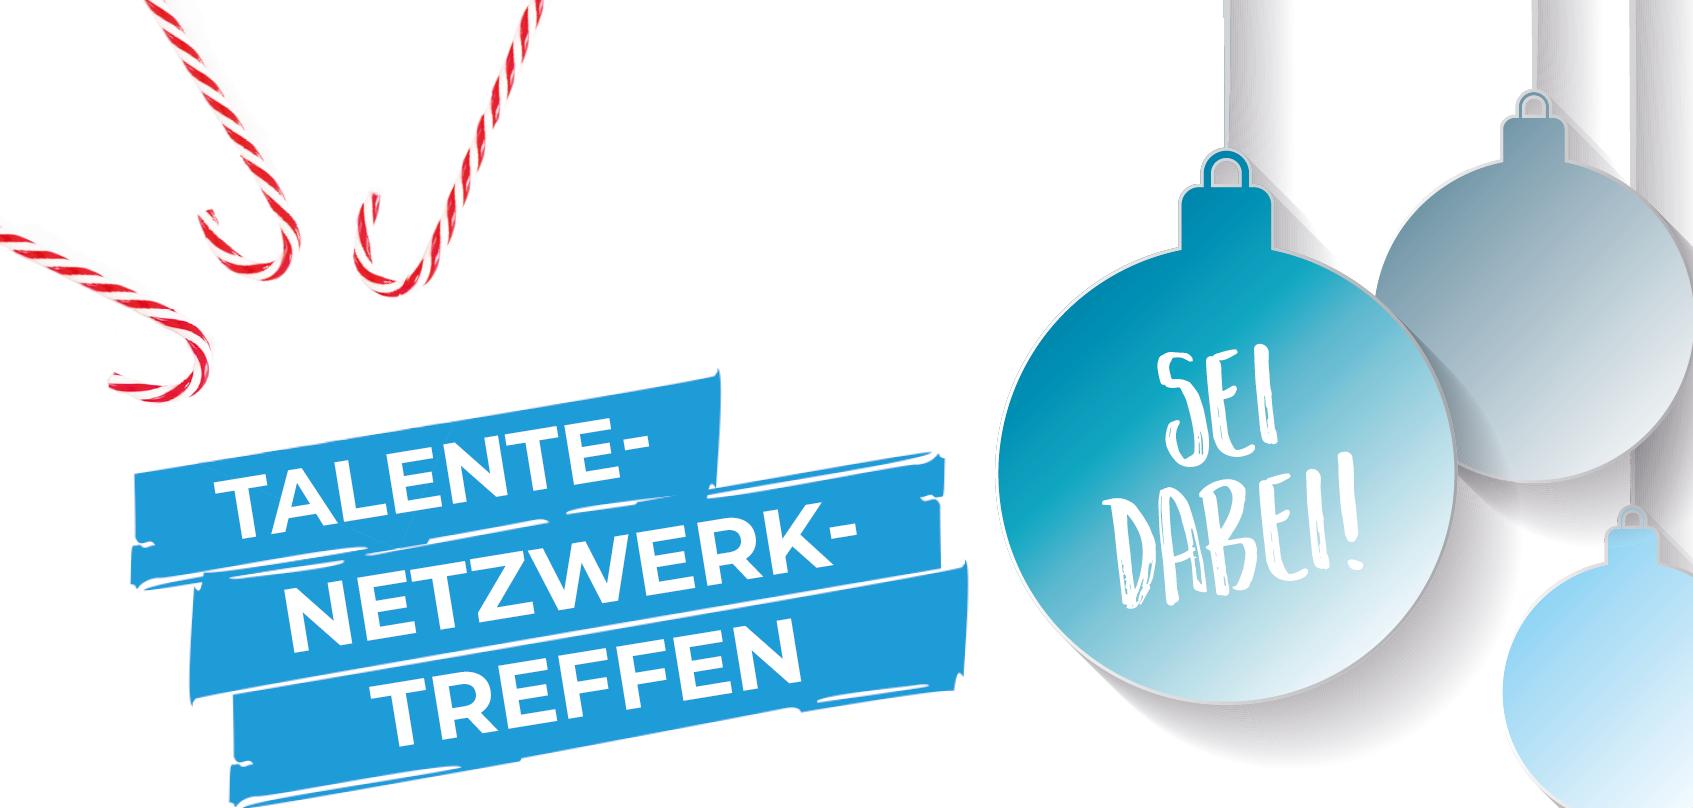 Mit dem TalenteNetzwerkTreffen (TNT) wollen wir Talenten aus Mülheim, Bottrop und Oberhausen und Studierenden der Hochschule Ruhr West die Möglichkeit geben, sich zu vernetzen, sich kennenzulernen und von den Erfahrungen der anderen zu profitieren.